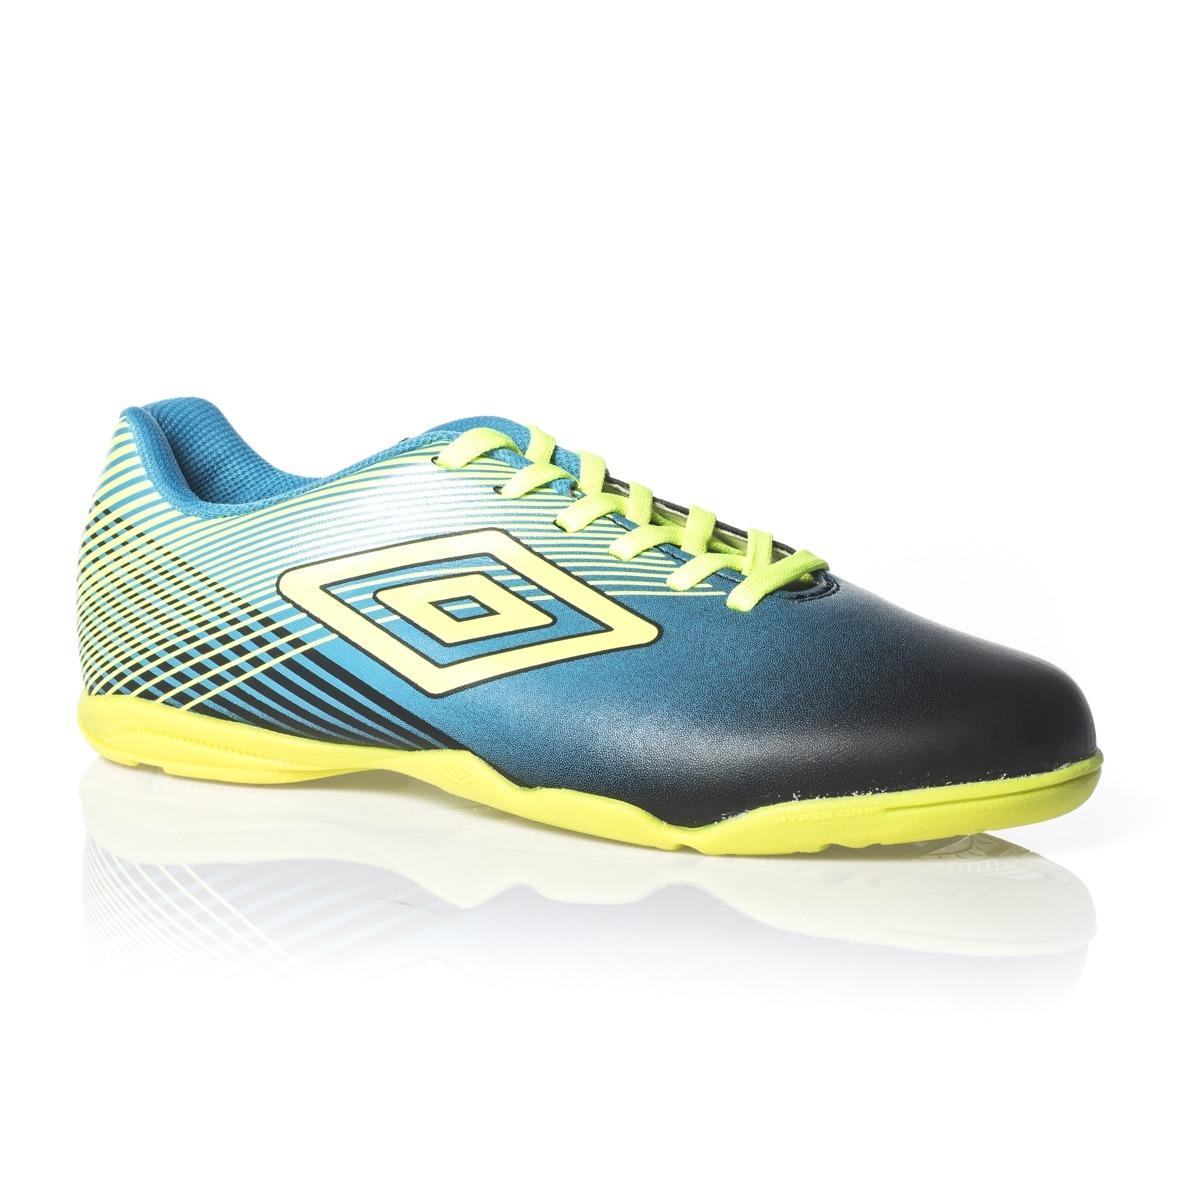 tênis futsal umbro indoor slice iii preto azul limão. Carregando zoom. 5941b7e4c083d